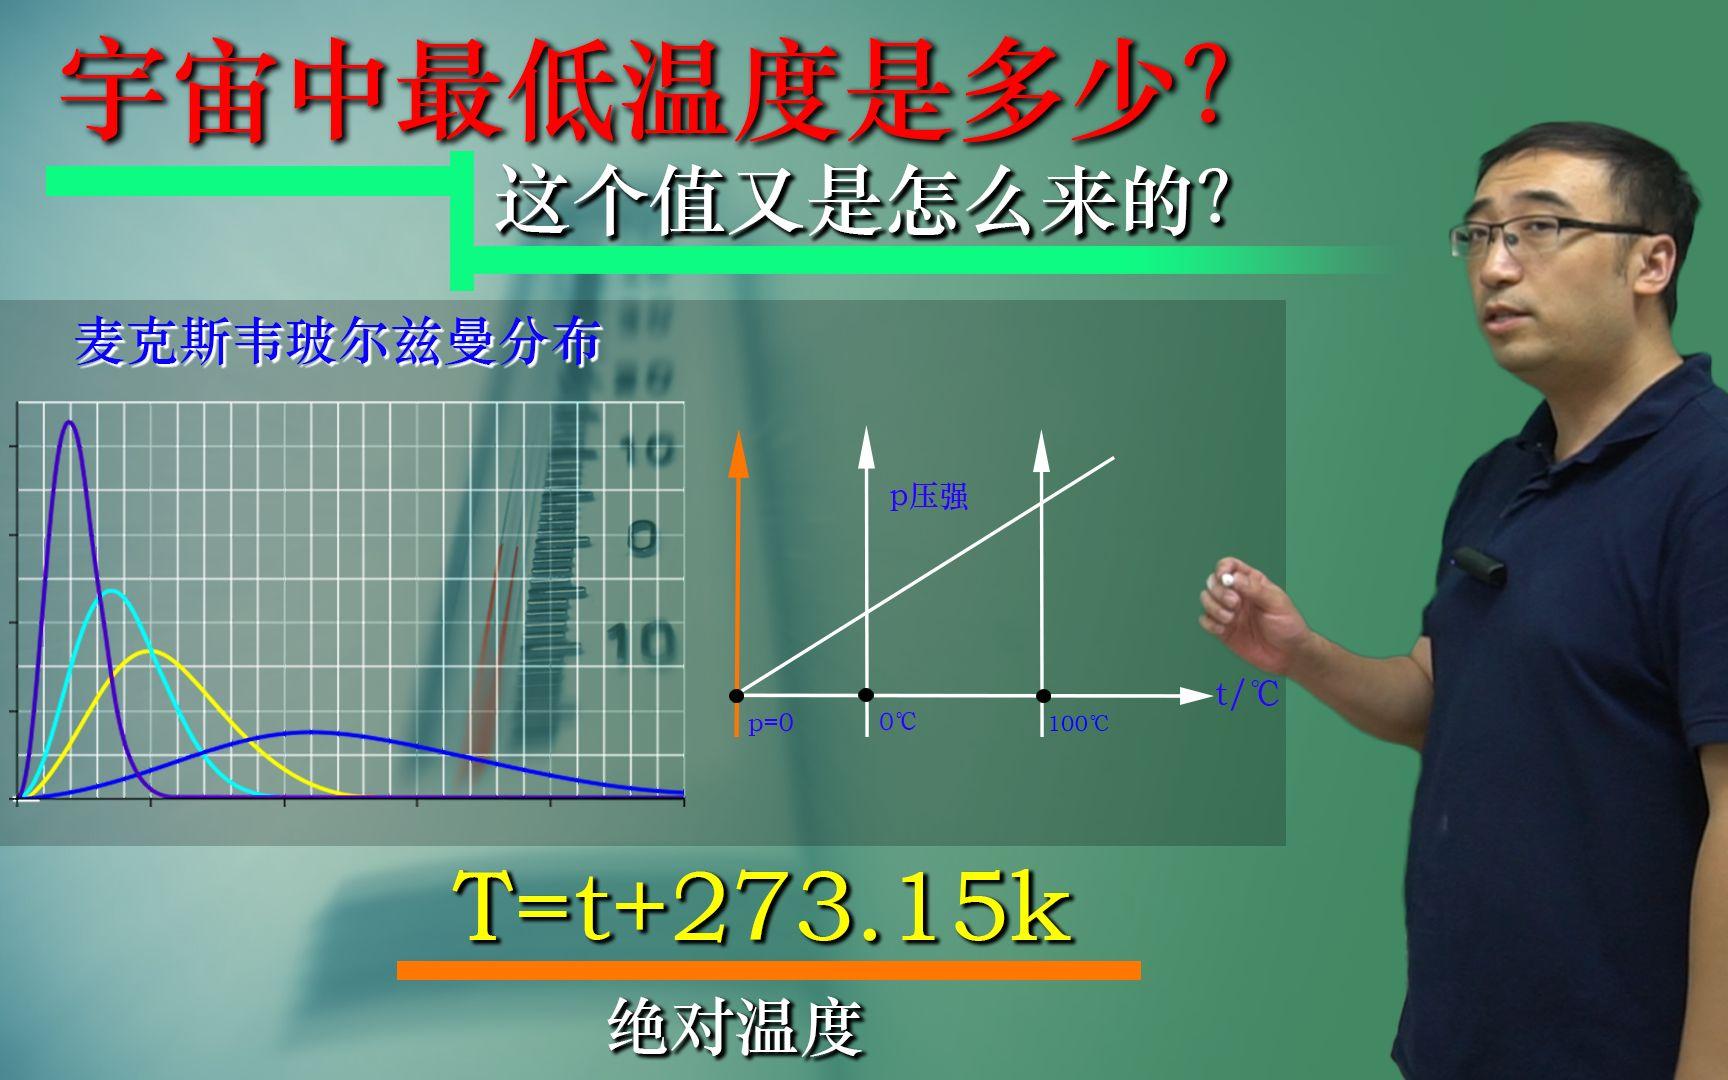 宇宙中的最低温度是多少? 李永乐老师讲绝对零度和热力学第三定律